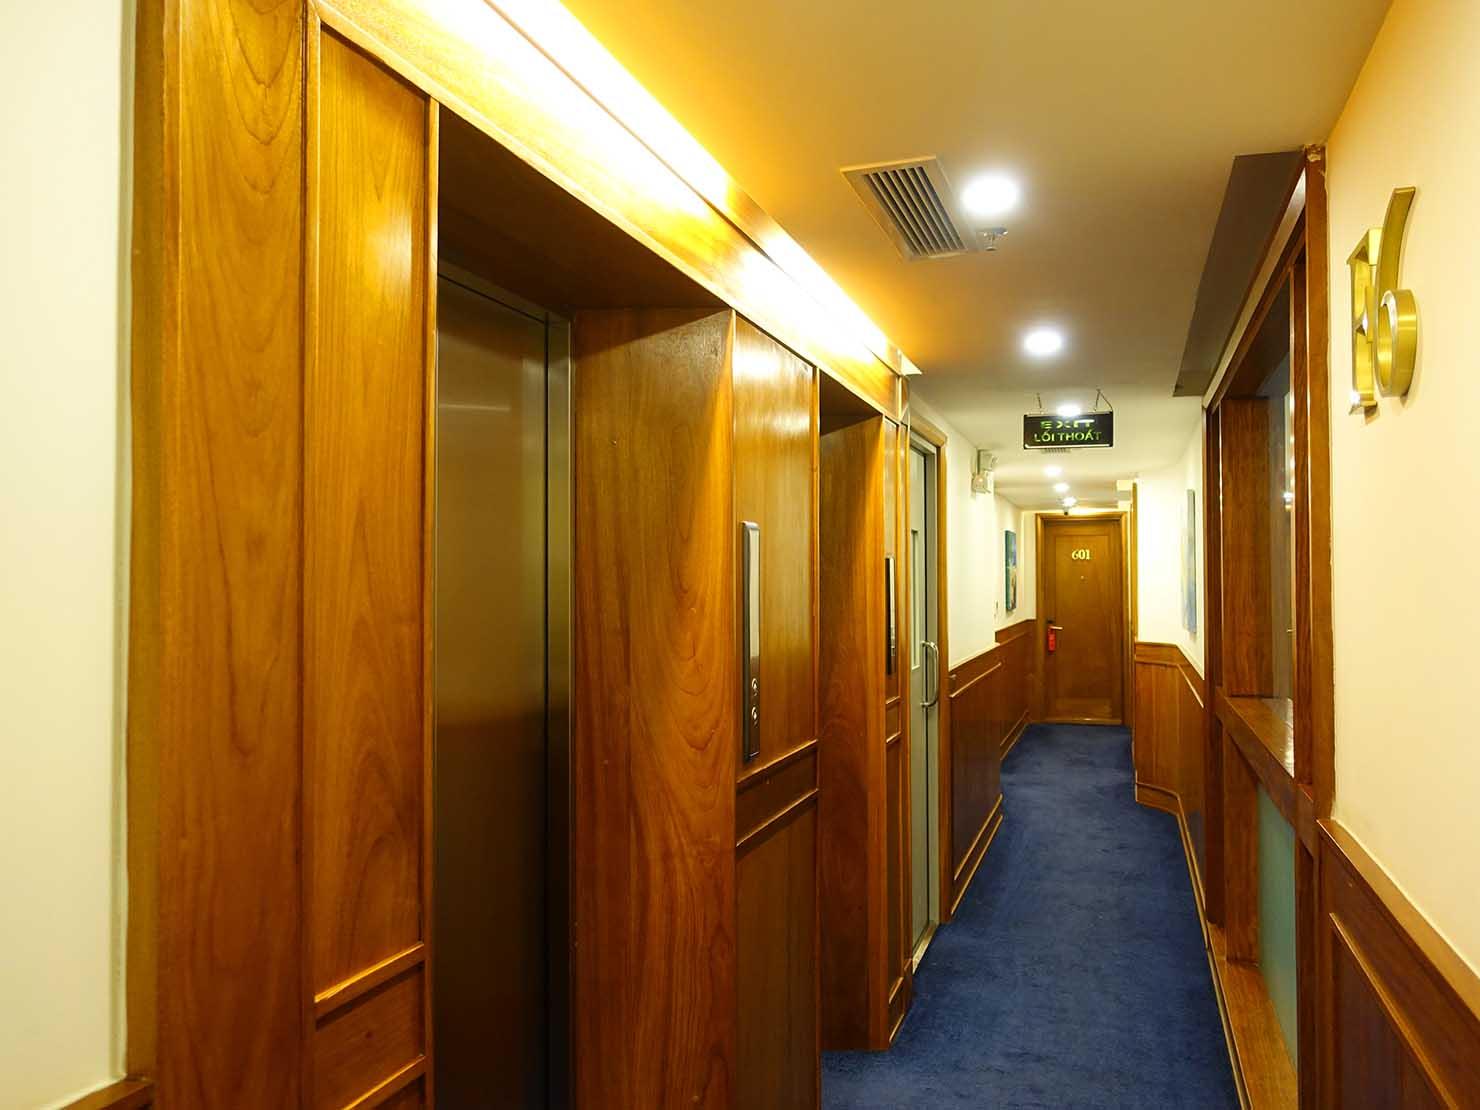 ハノイ旧市街ど真ん中の観光に便利なおすすめホテル「Hai Bay Hotel」のエレベーターホール